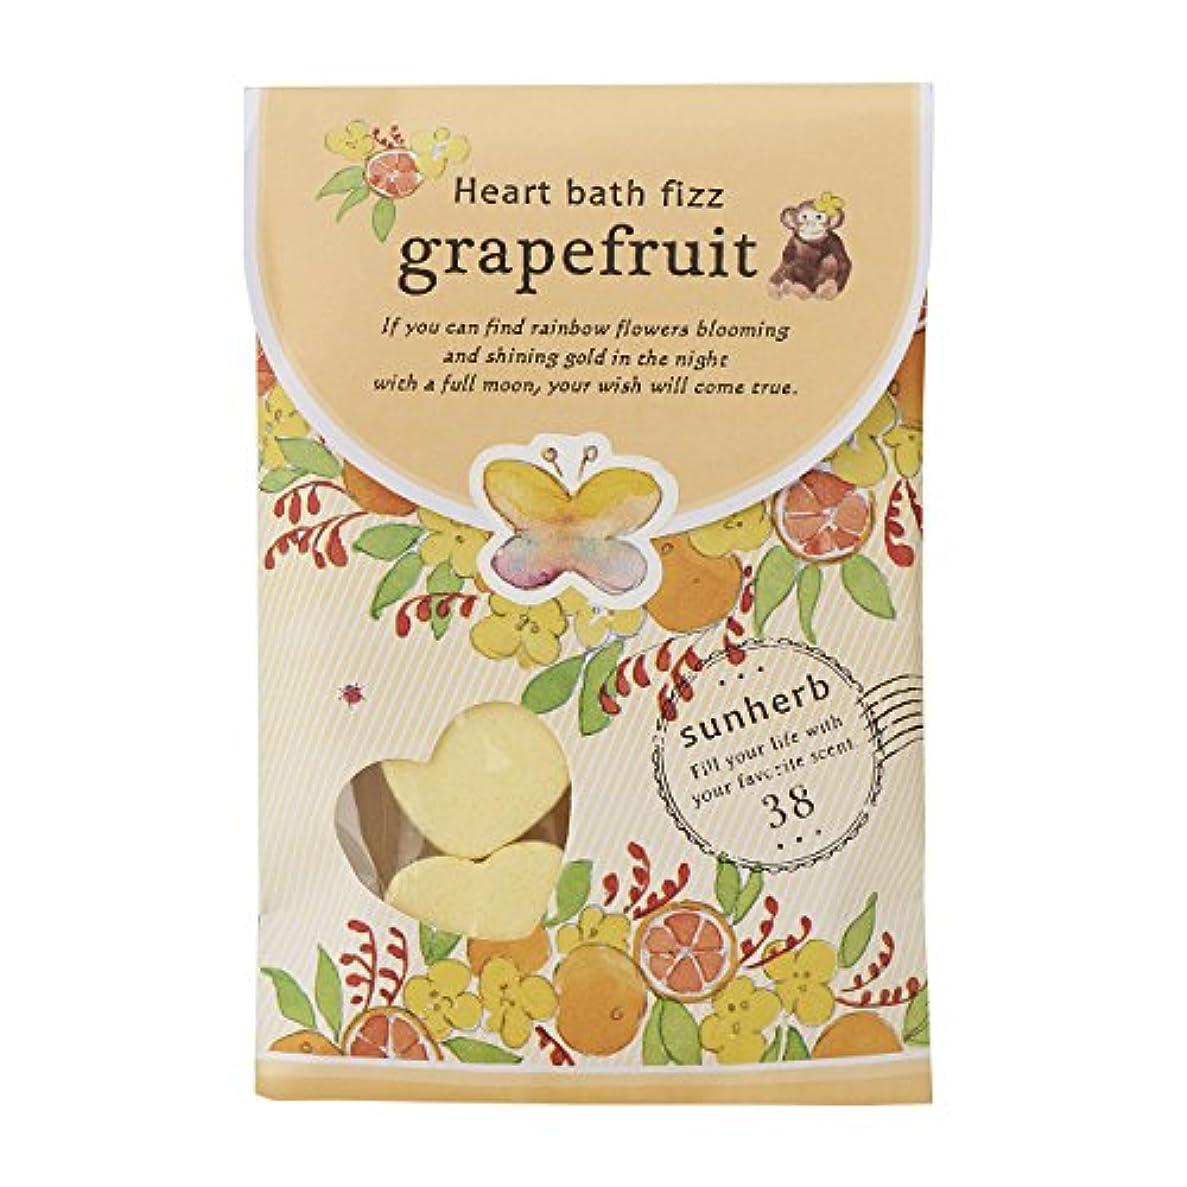 いちゃつく速度壁サンハーブ ハートバスフィズ28g×2包 グレープフルーツ(発泡タイプの入浴料 シャキっとまぶしい柑橘系の香り)